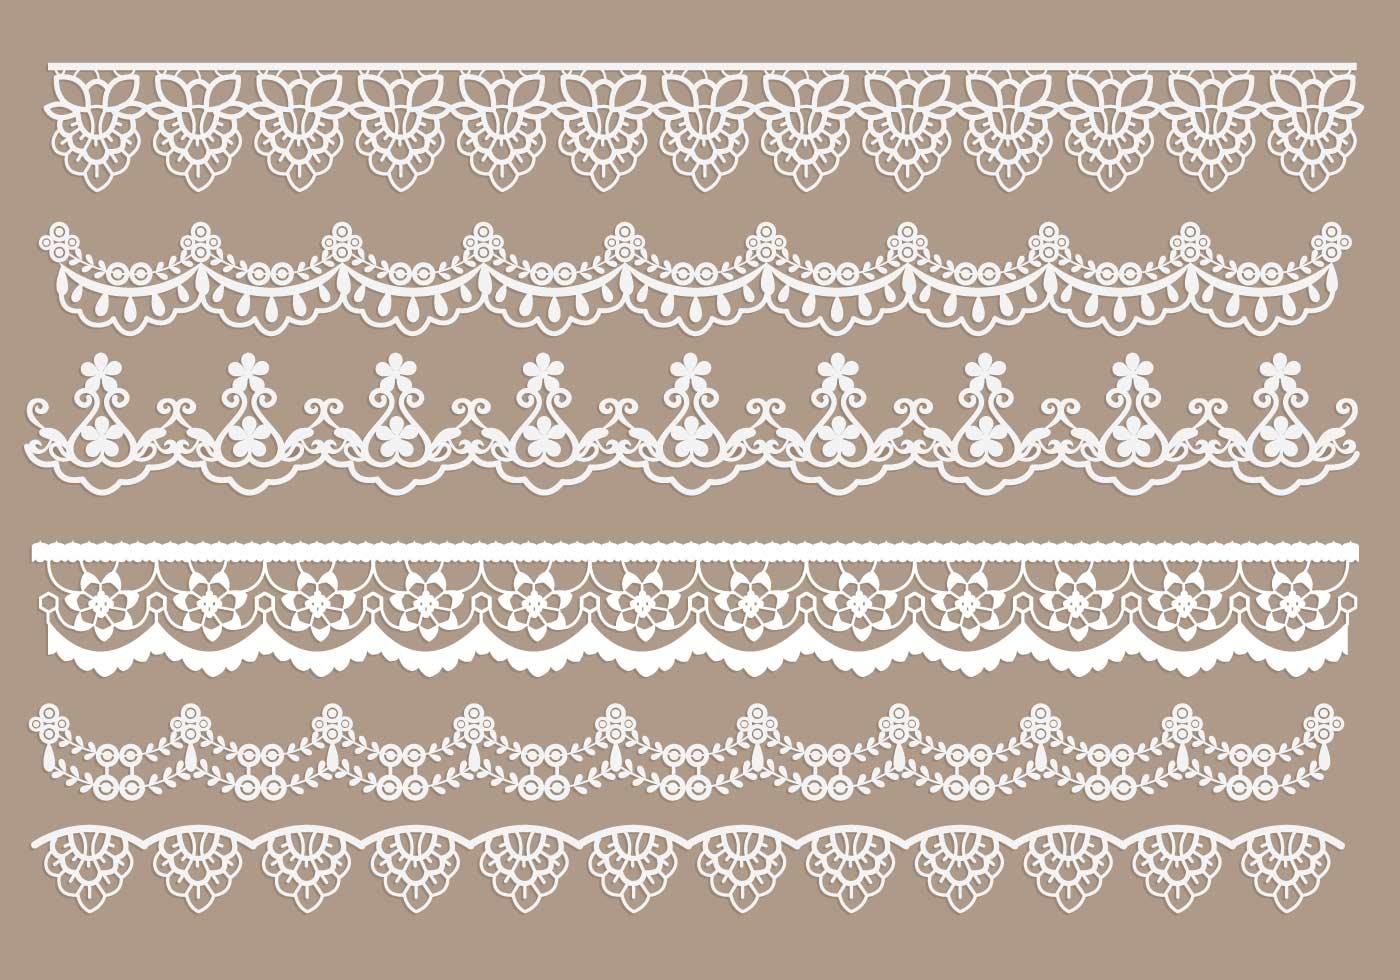 lace trim vectors download free vector art  stock free vector download crown free vector brown pelican